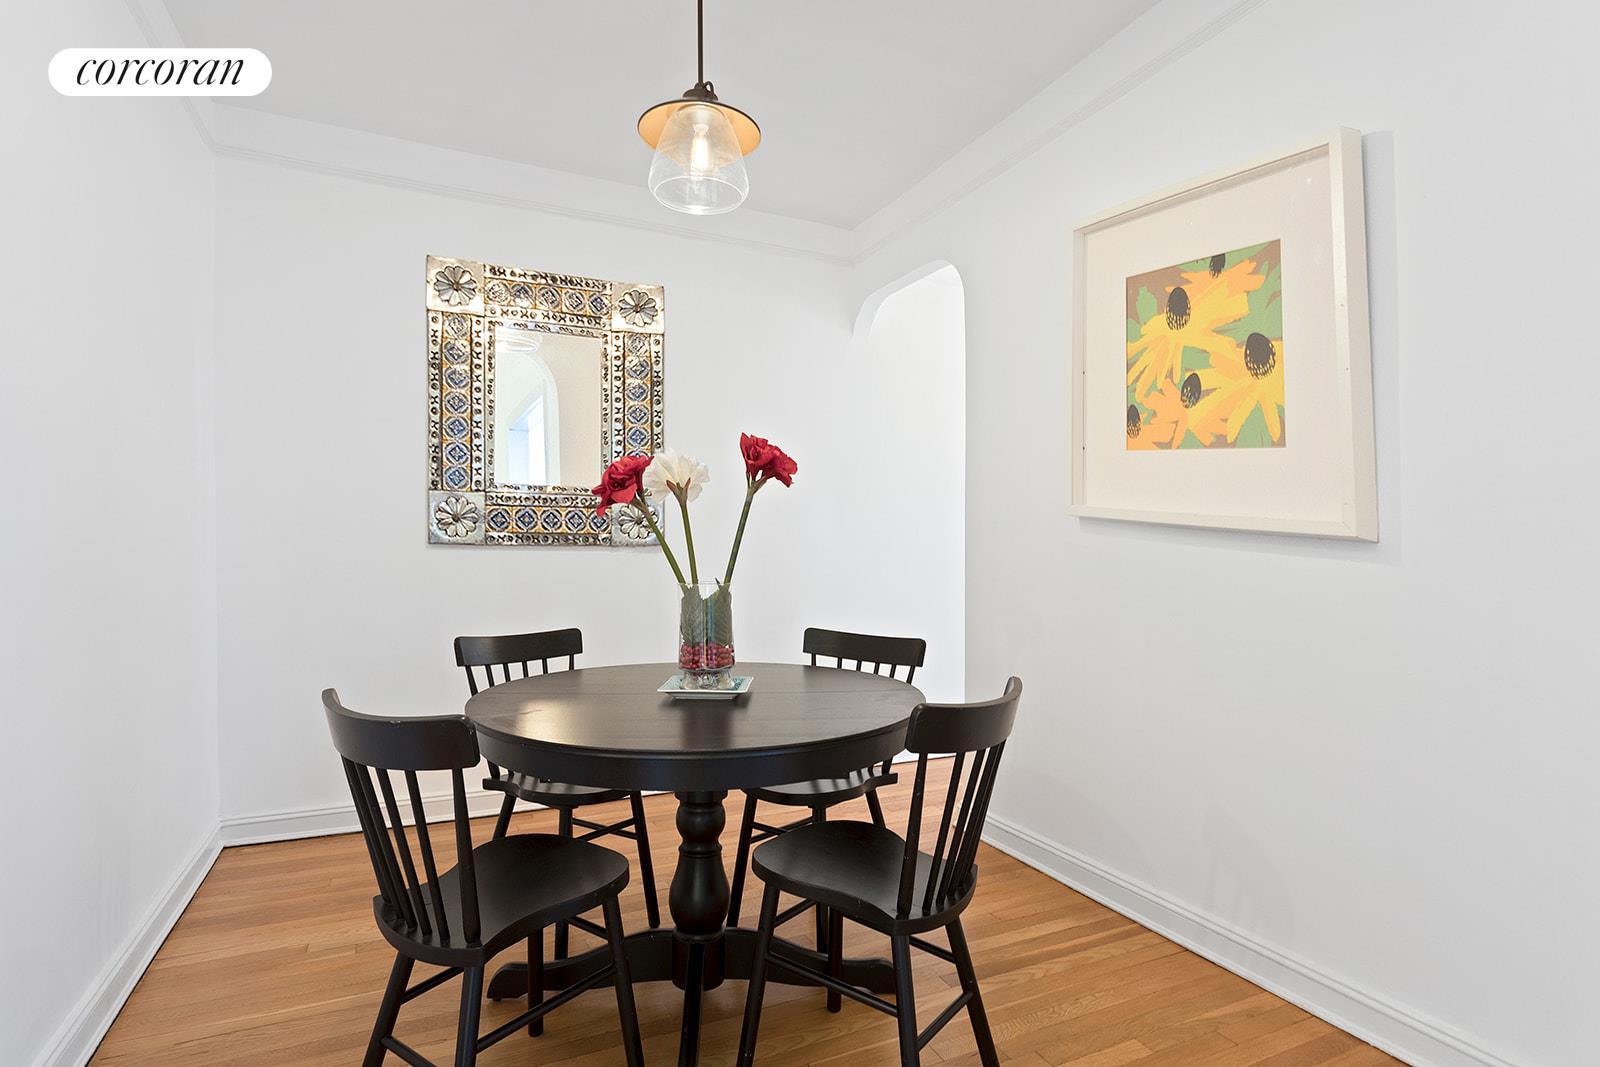 Apartment for sale at 44 Prospect Park West, Apt E-1